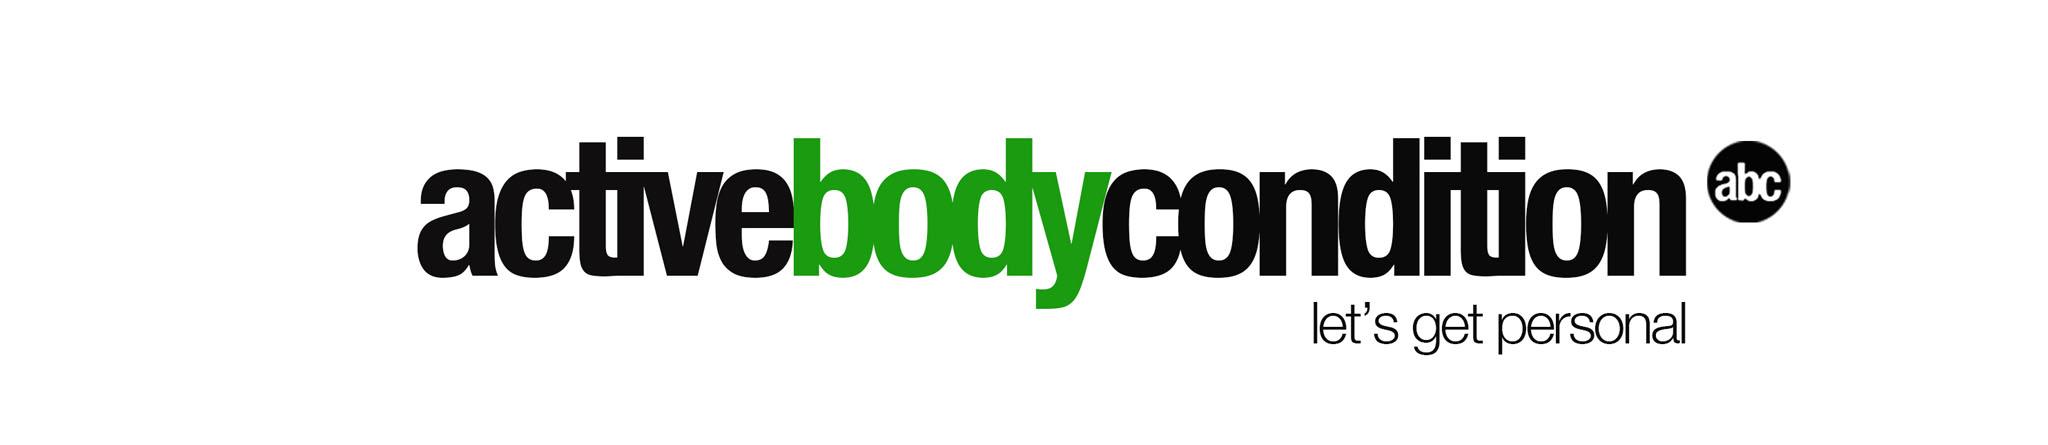 activebodycondition